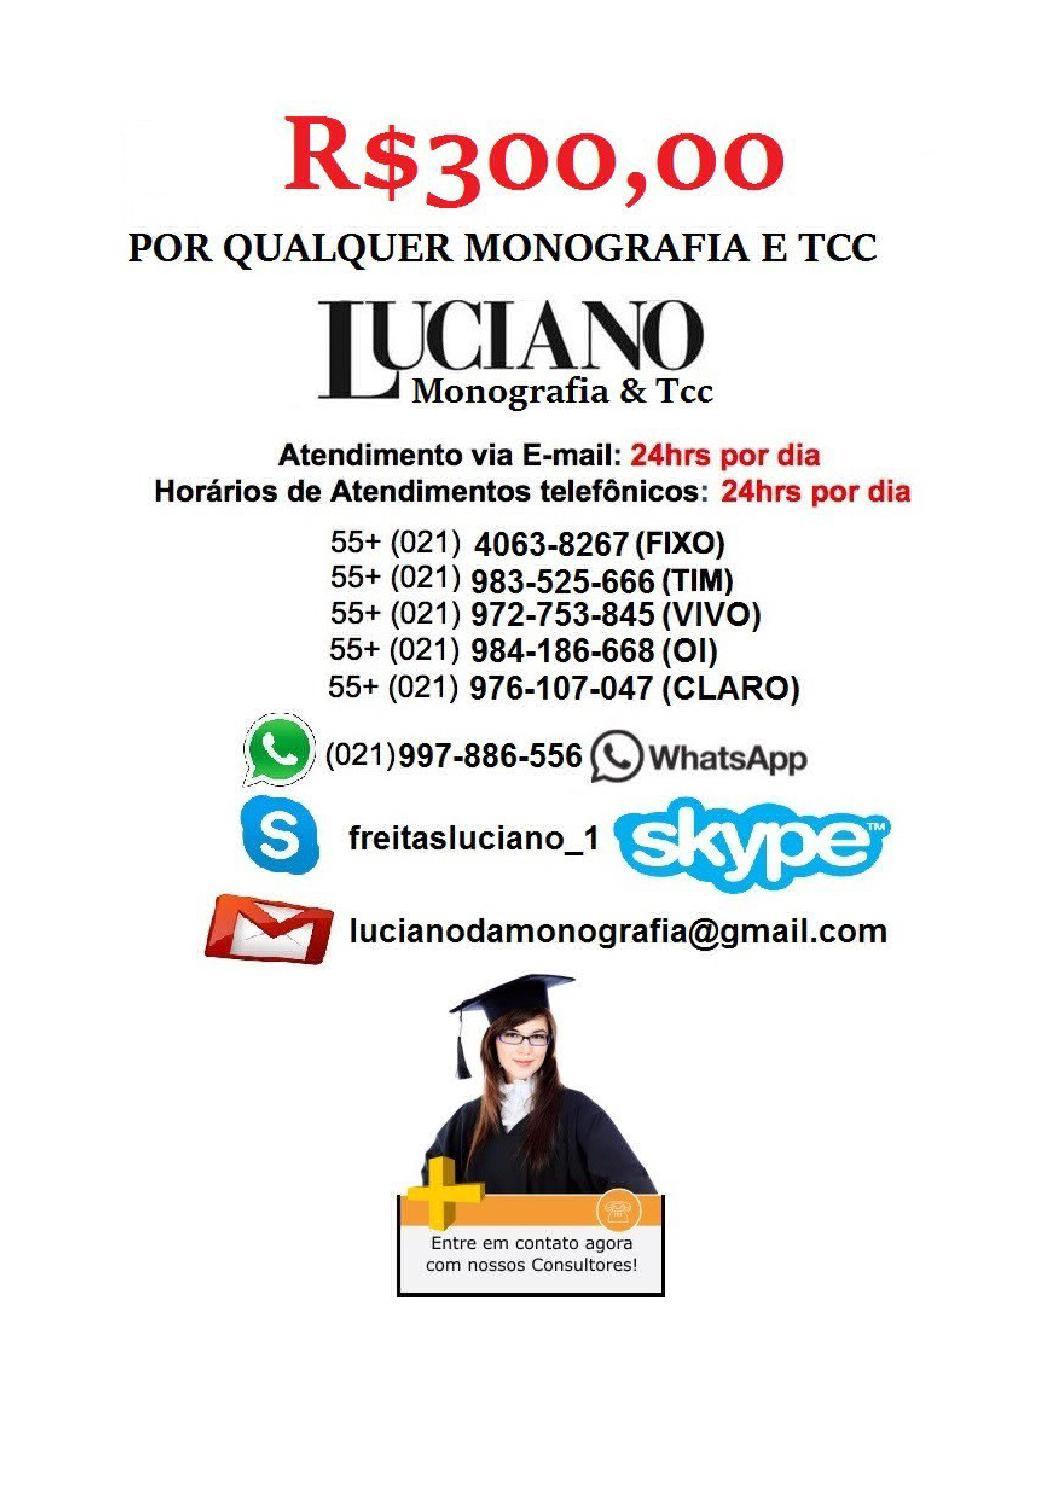 sao luiz05 tcc e monografia r$300,00 by mario luciano marques issuu